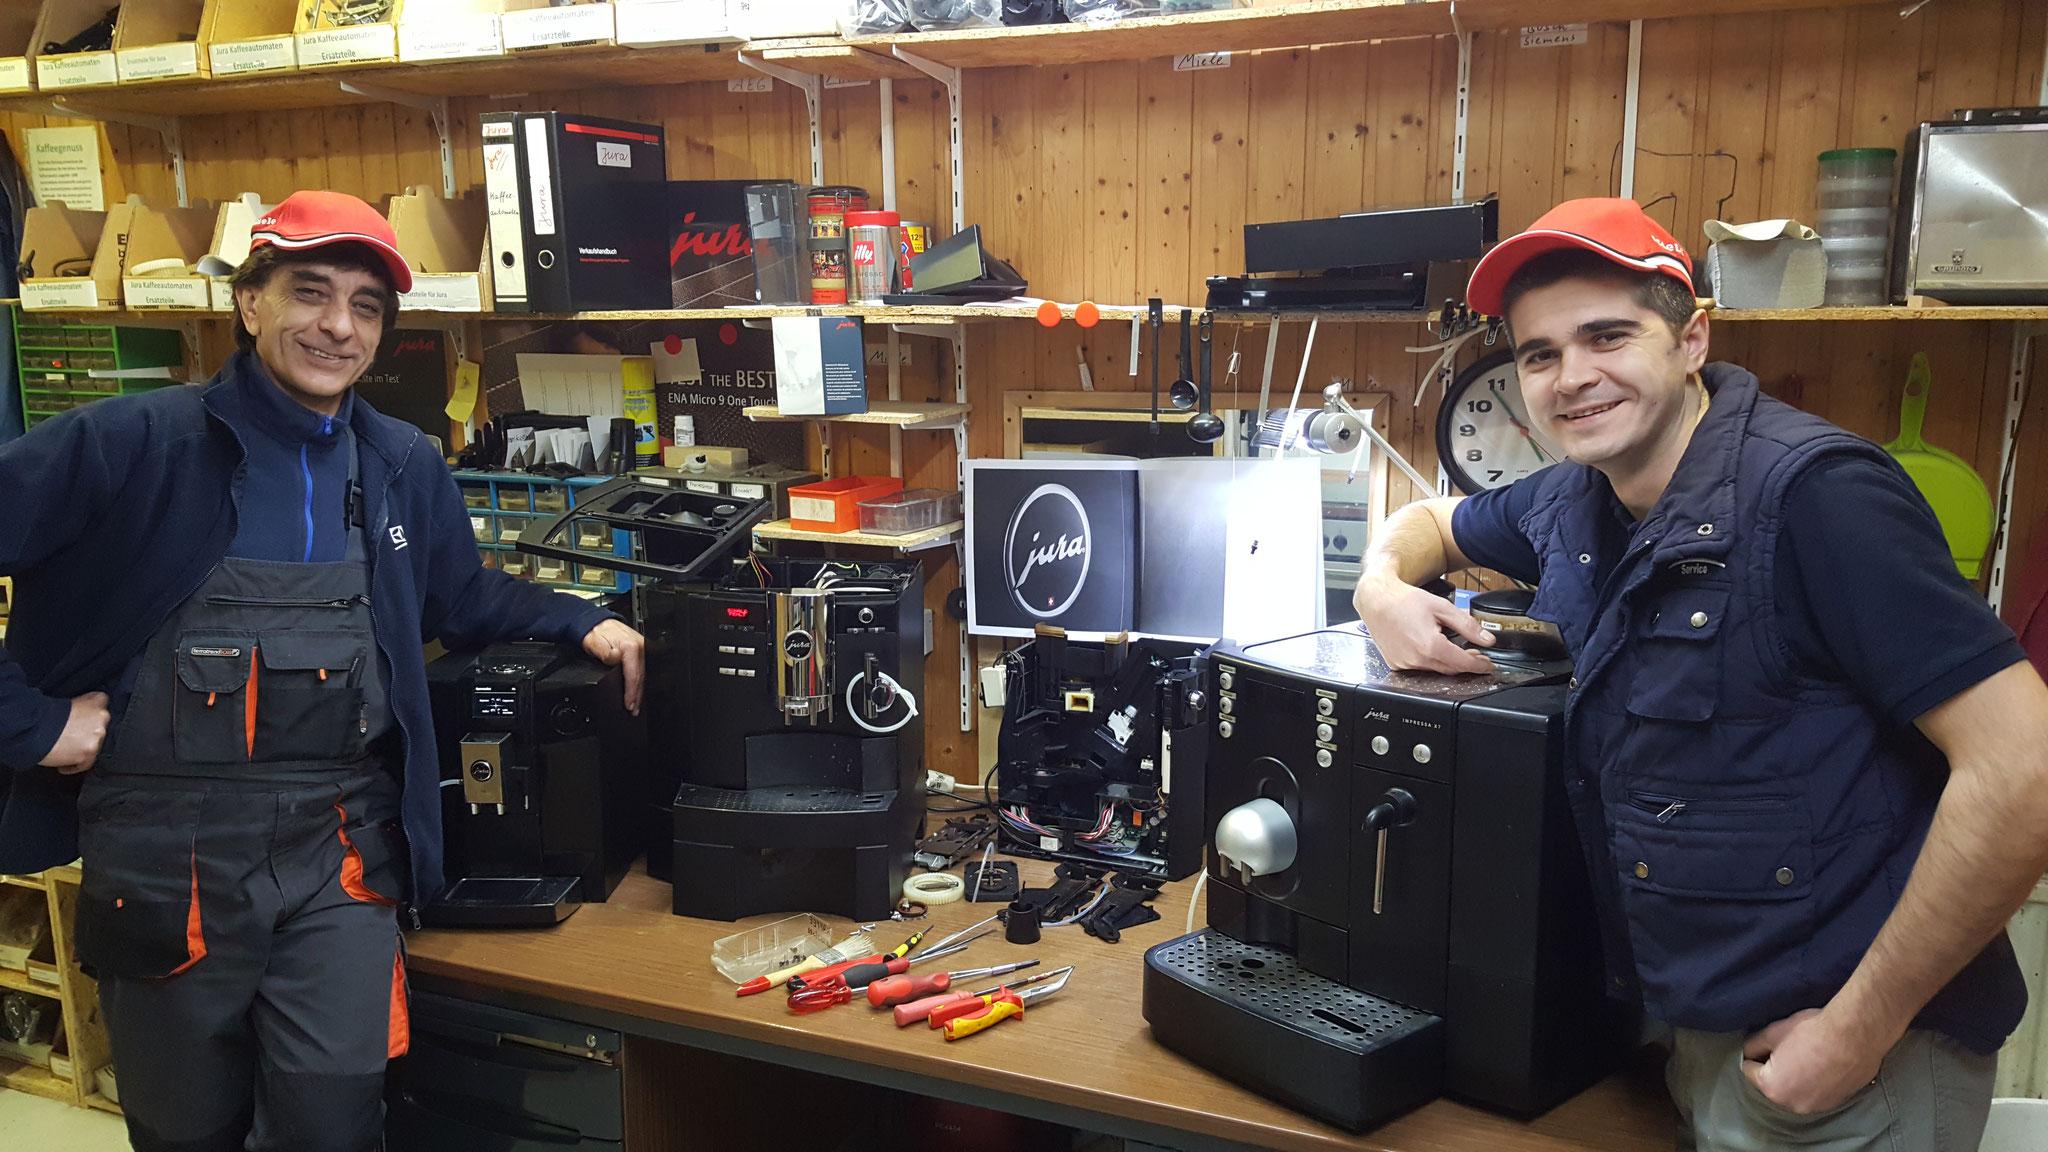 HGS Elektro Kaffeeautomaten Reparatur seit 1986 in Köln